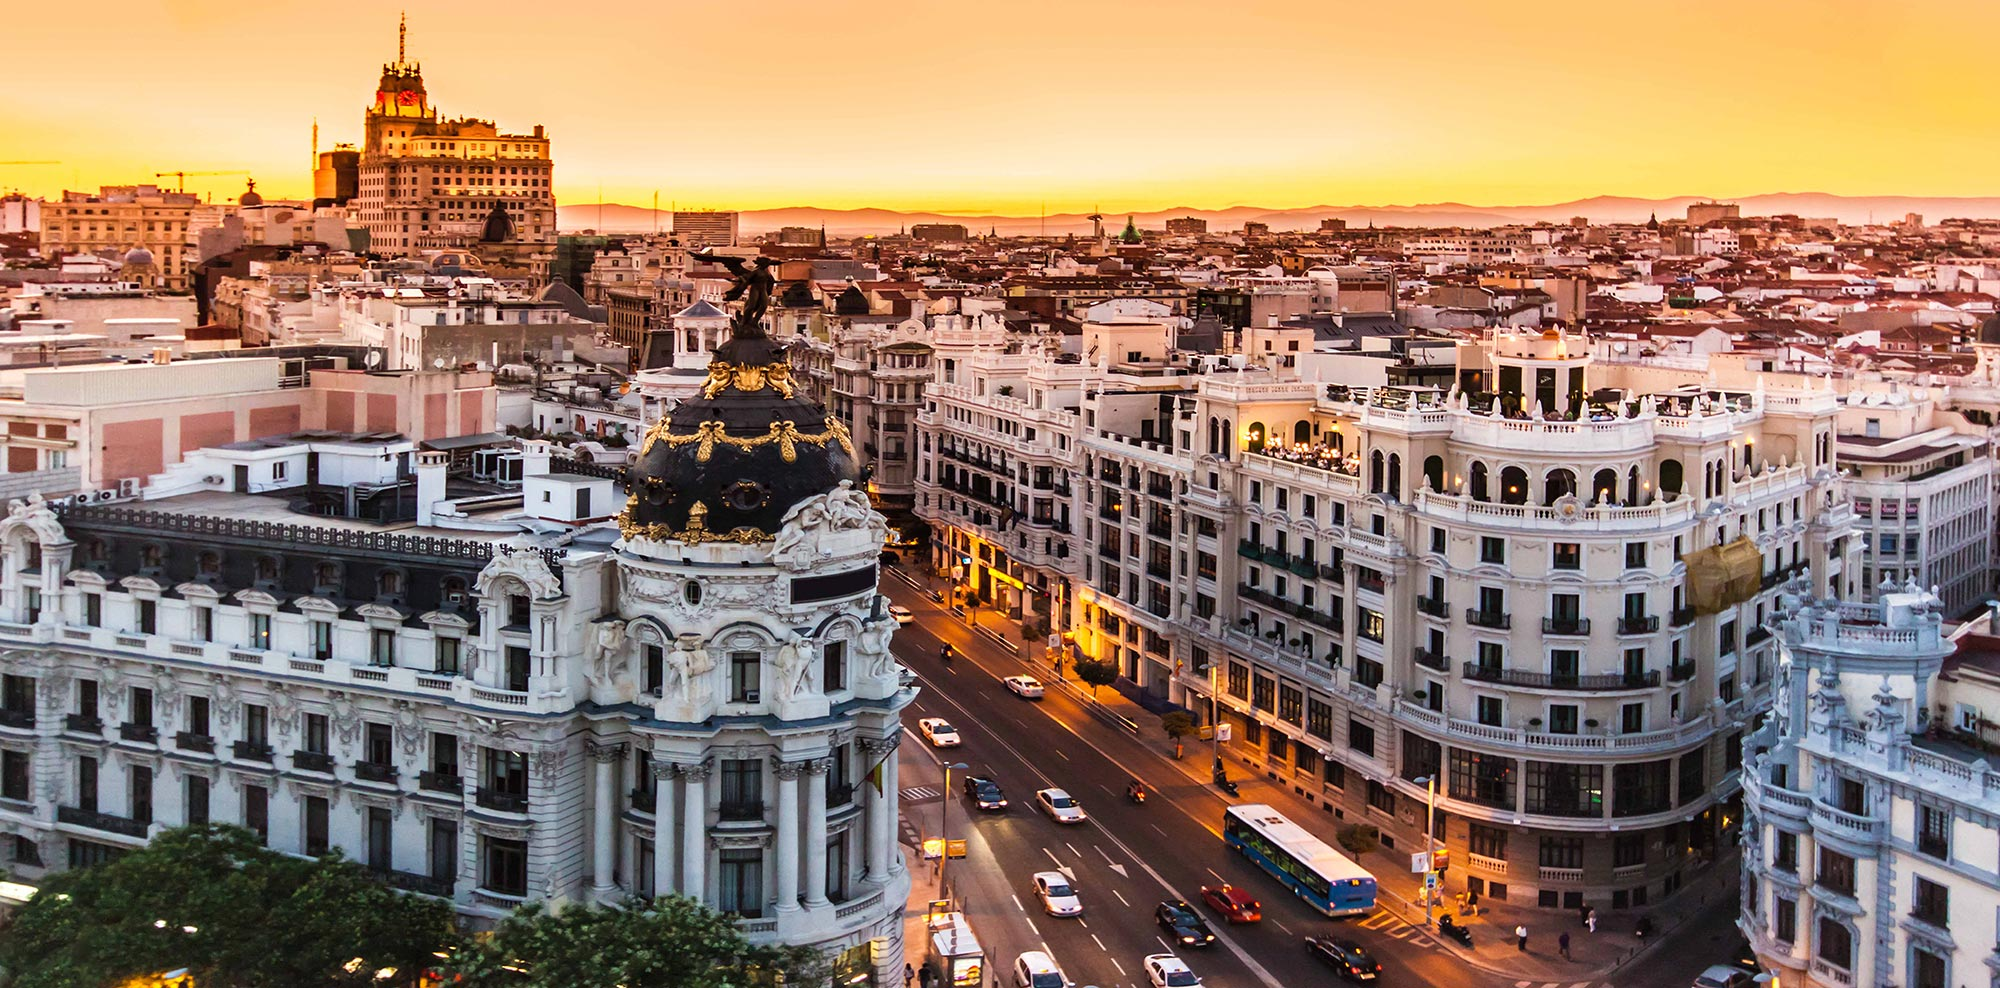 Espagne Photo Voyage - Arts et Voyages